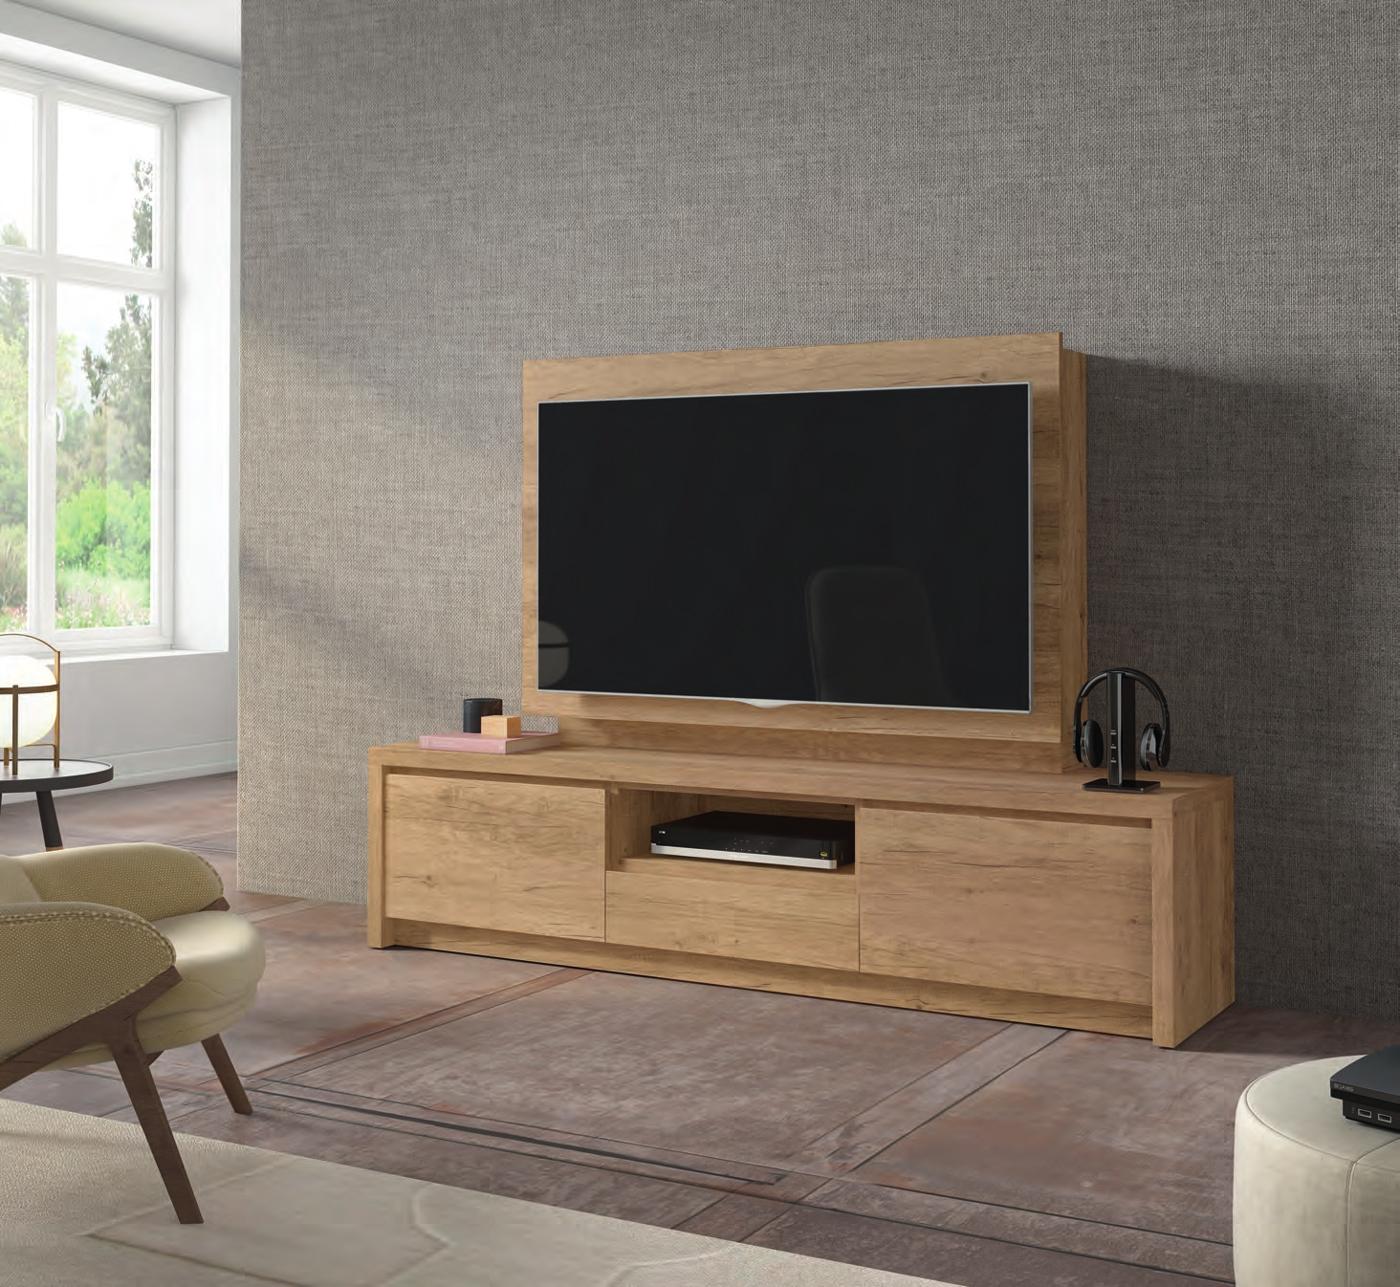 Mueble de TV D107C - Mueble de TV D107C, Mueble TV junto con panel TV